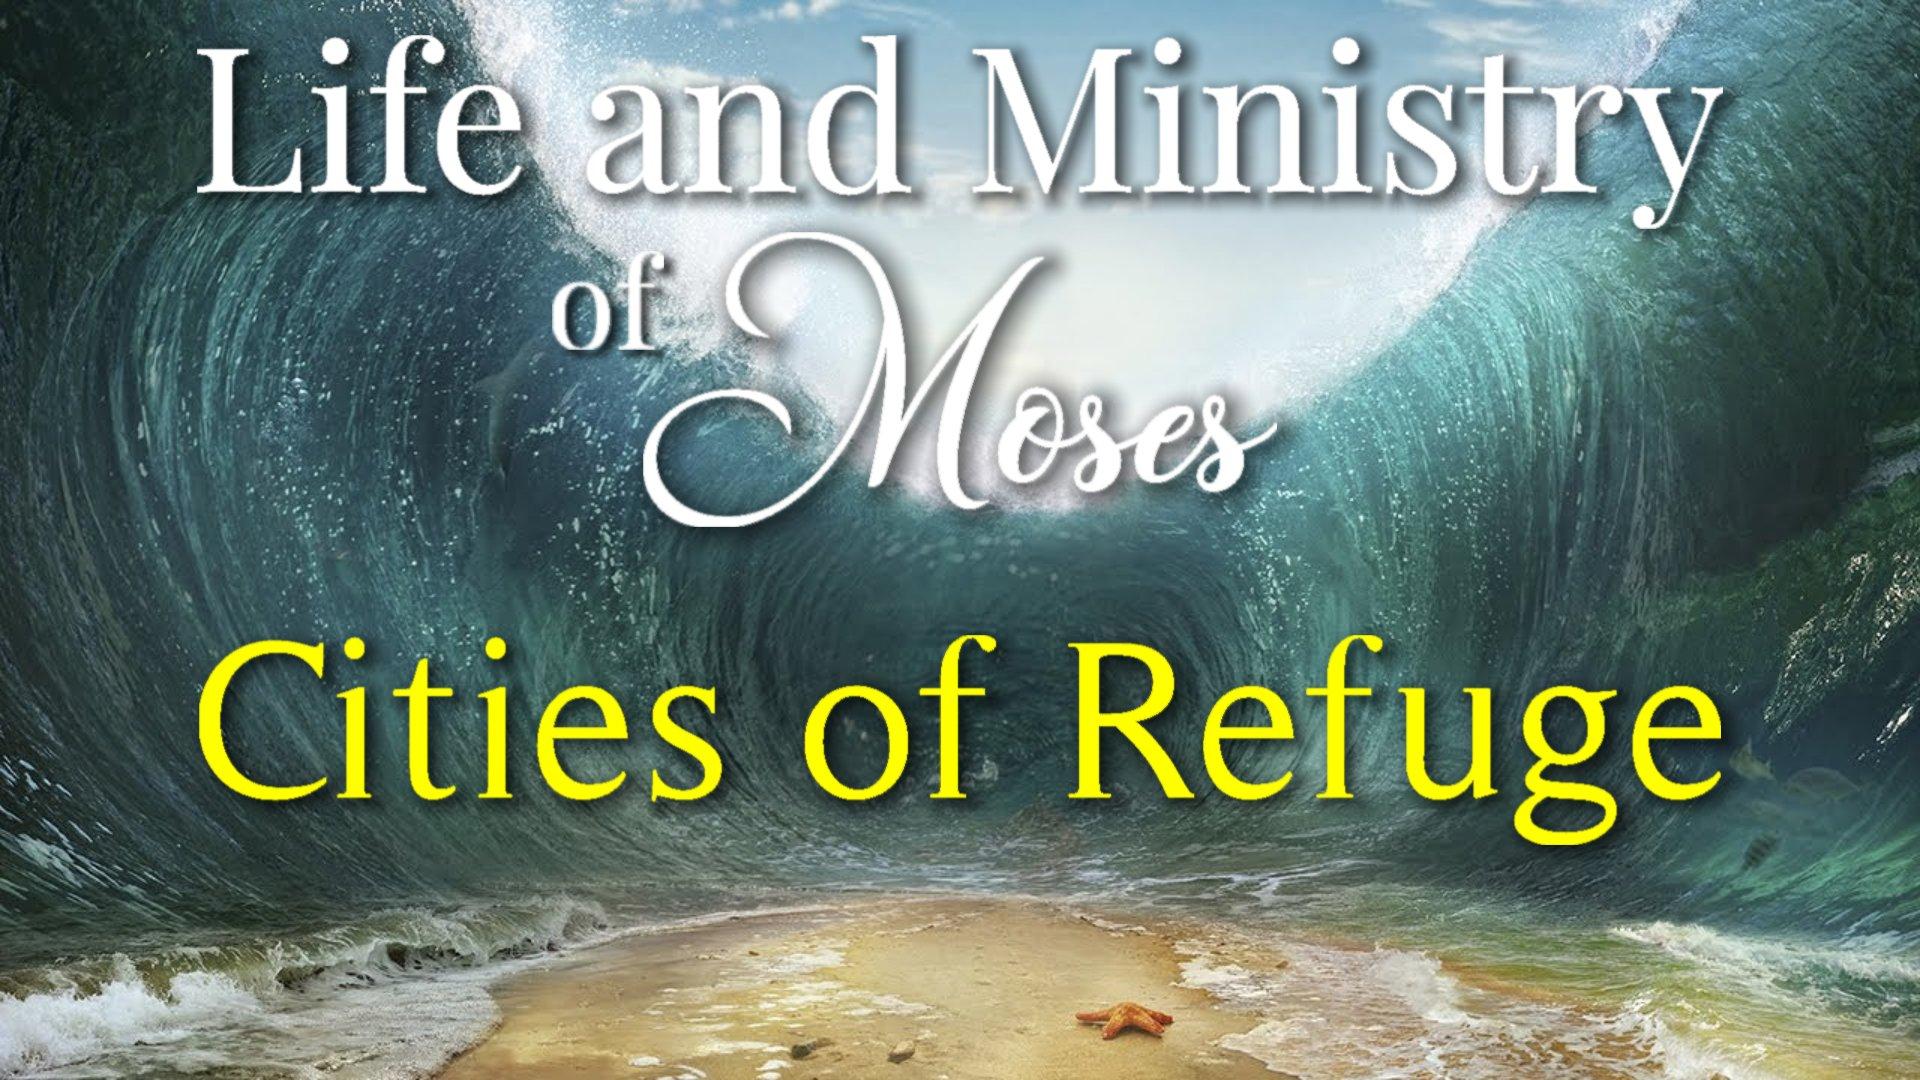 48 Cities of Refuge